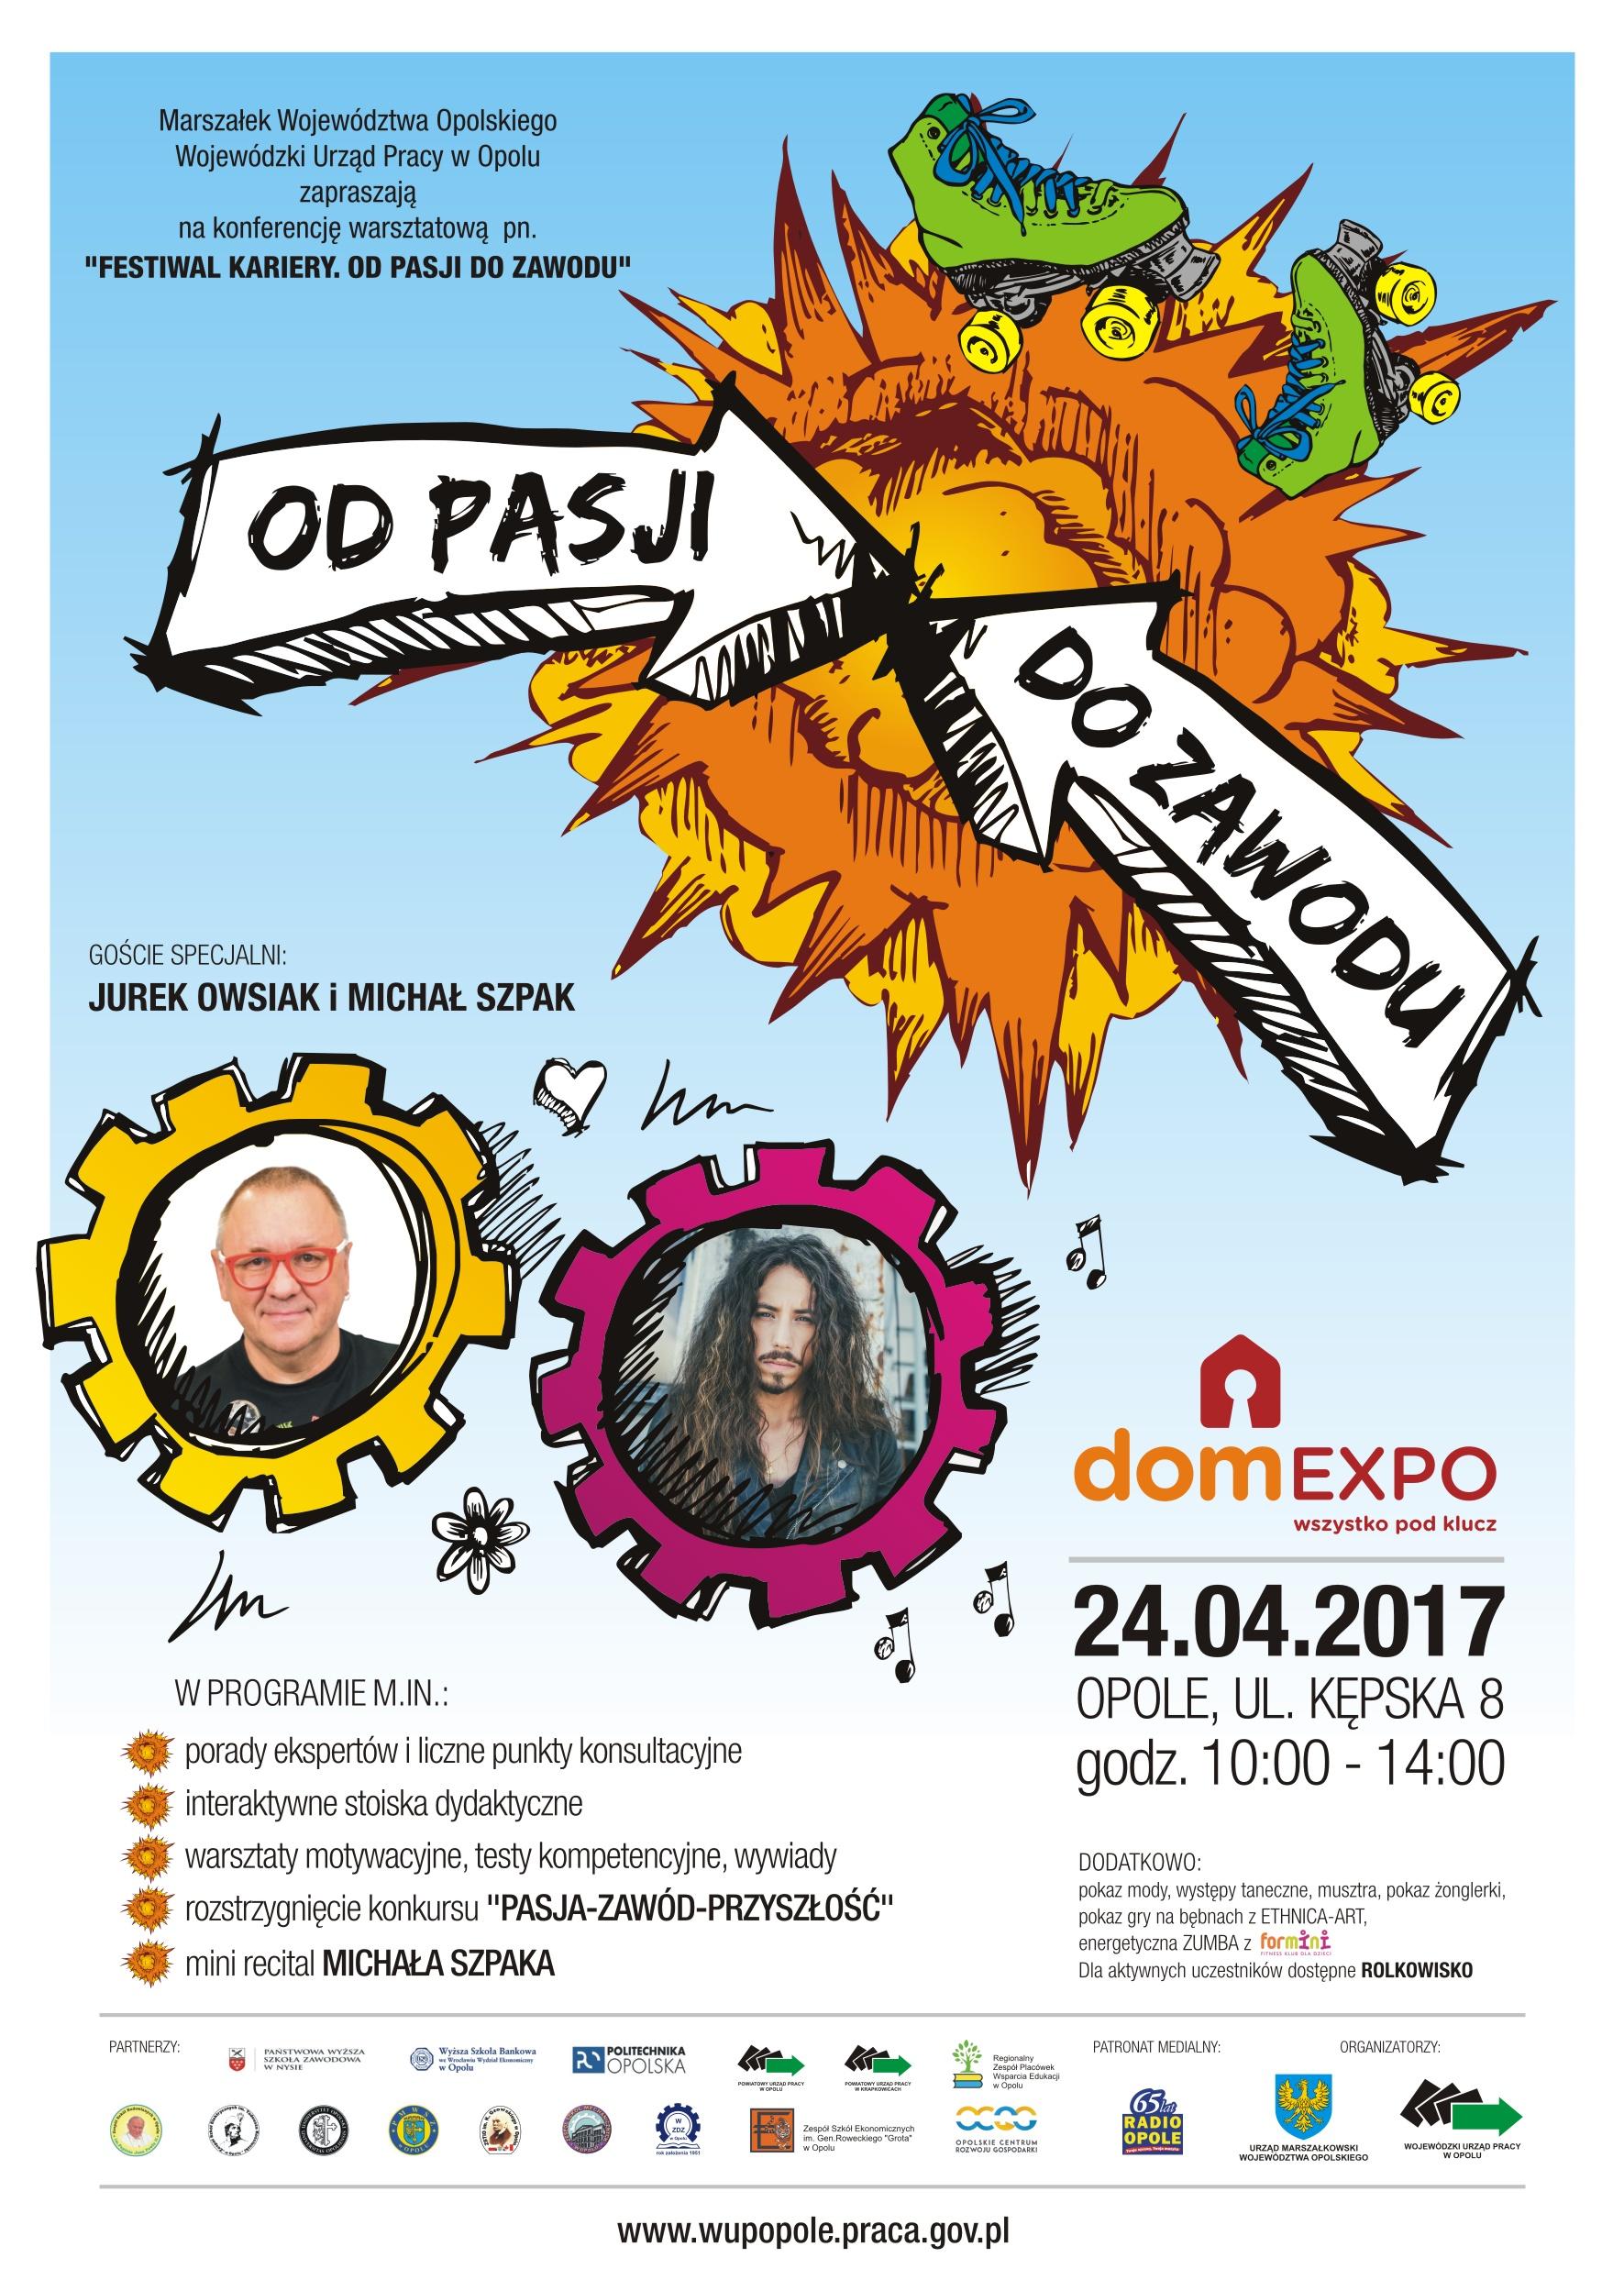 Jurek Owsiak i Michał Szpak gośćmi specjalnymi tego wydarzenia! To już w poniedziałek (24.04) w domEXPO!